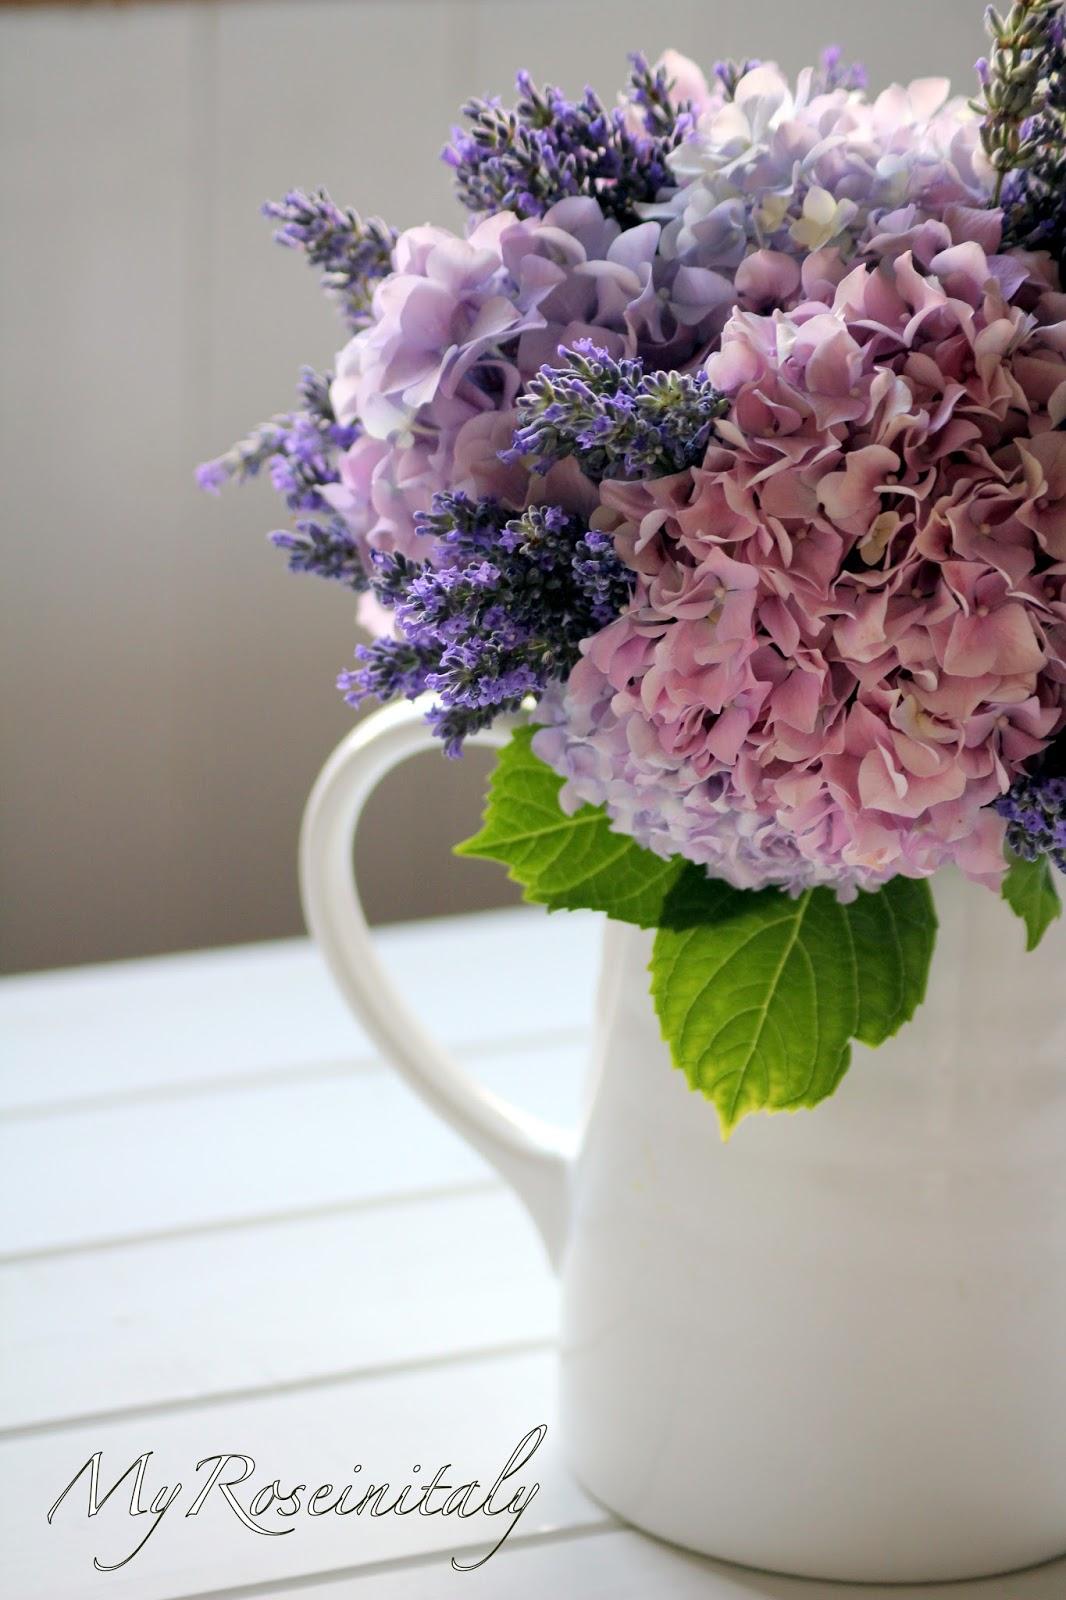 My roseinitaly un bouquet di ortensie e lavanda - Ortensie colori ...